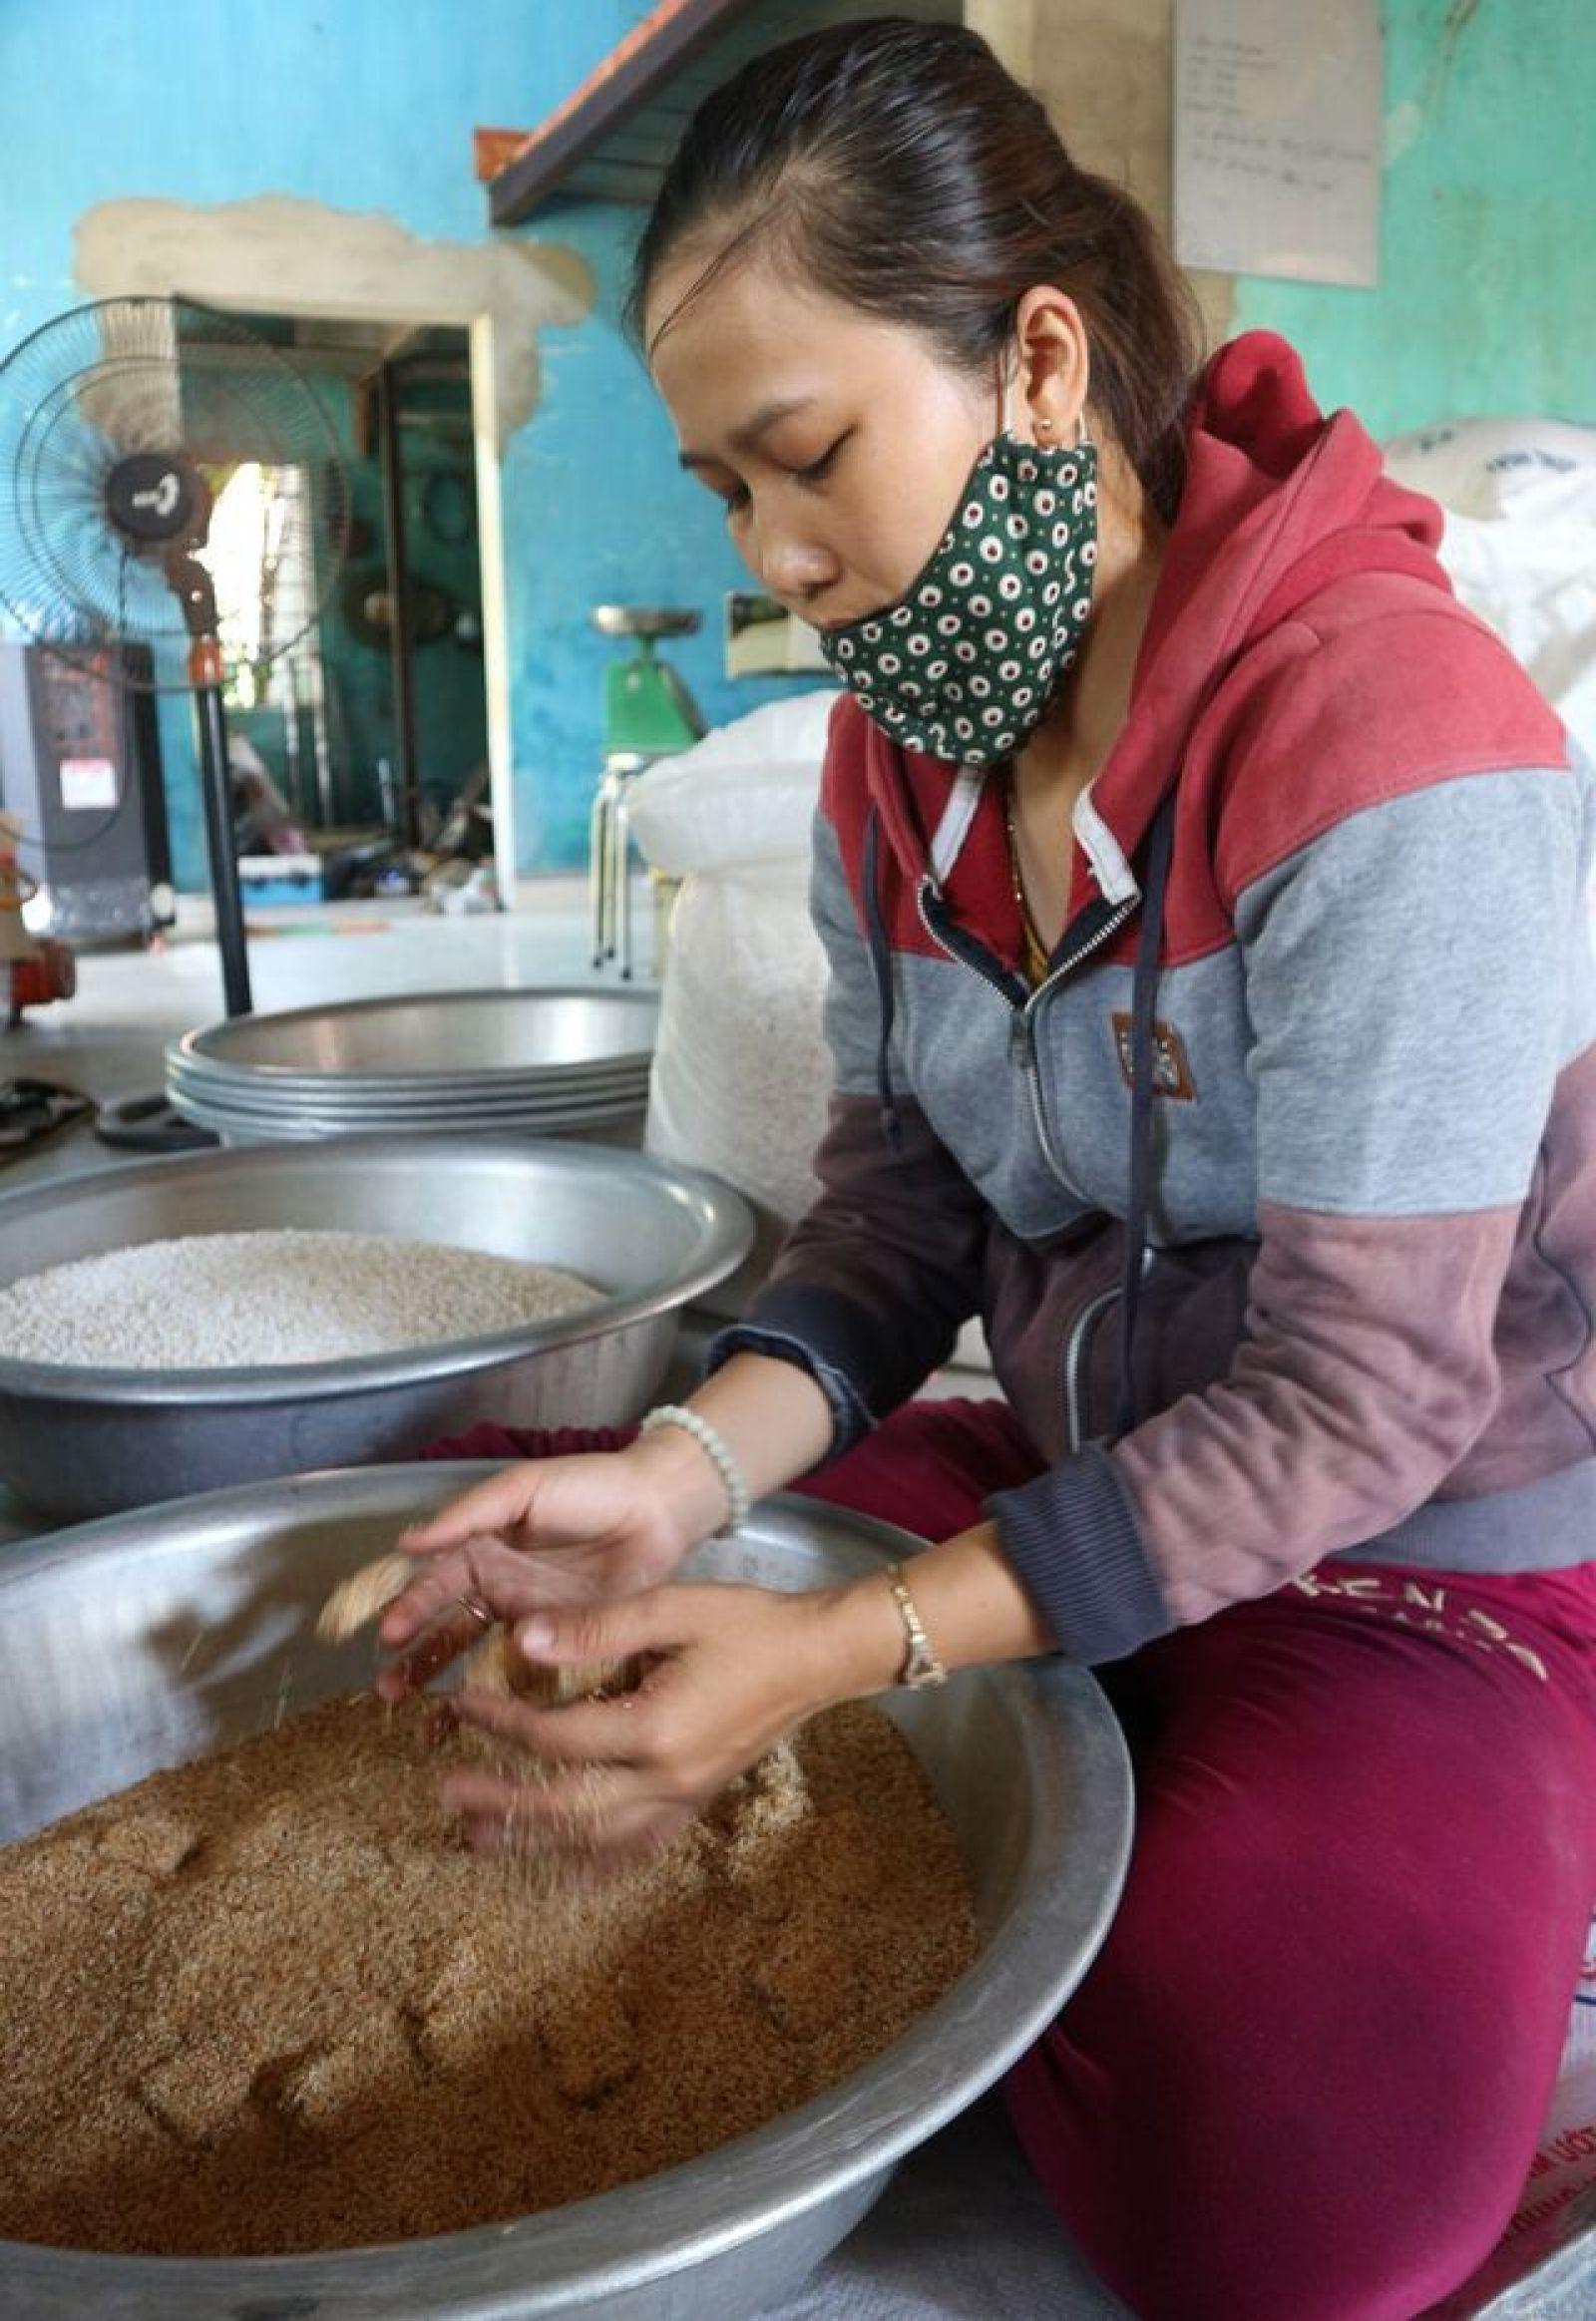 Phan Thị Ly, cô gái trẻ bỏ phố về quê lập nghiệp với nghề truyền thống – bánh khô mè, nối nghiệp cha ông